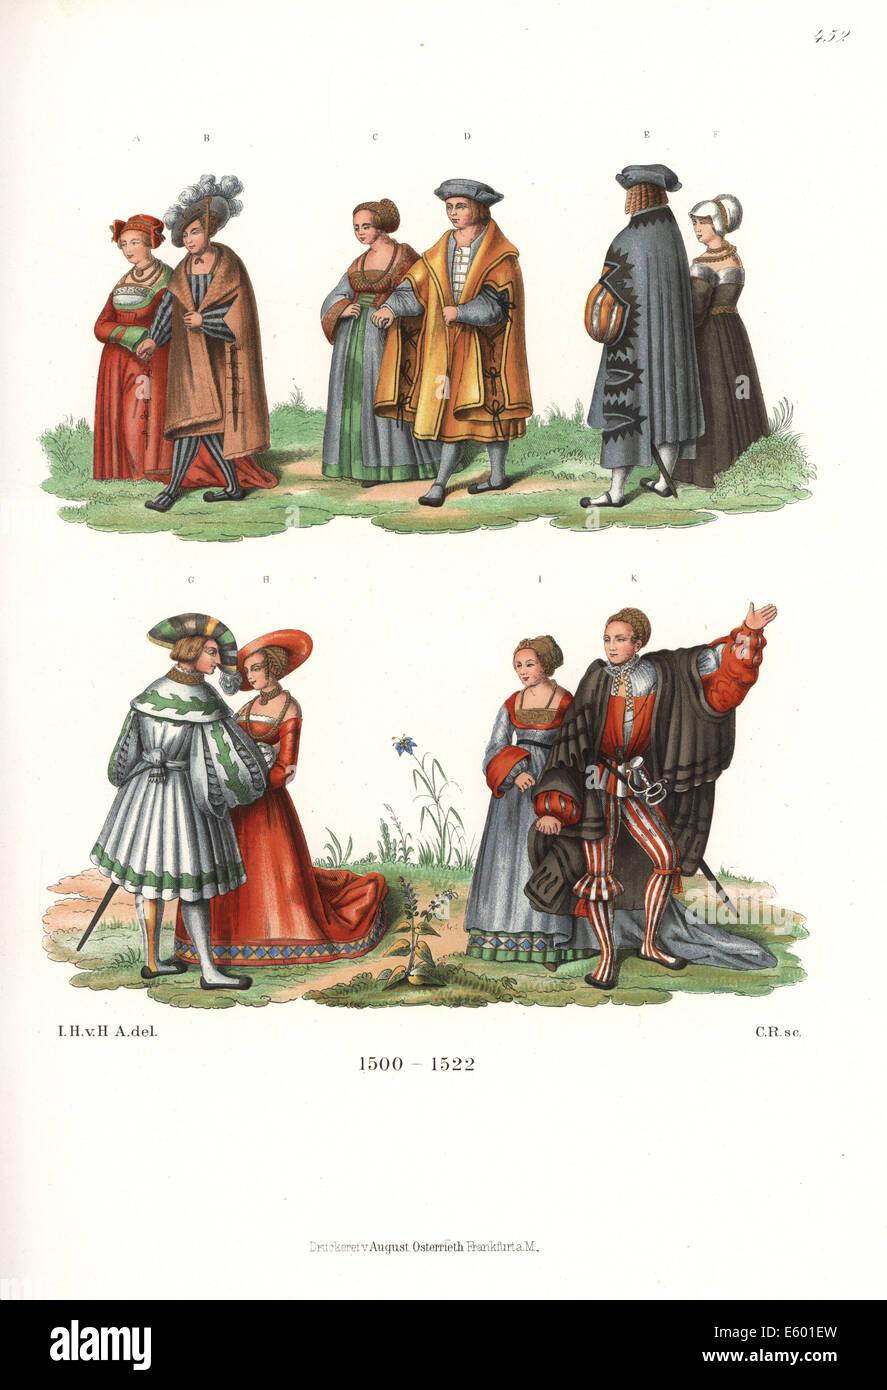 Moda di lusso della nobiltà di Augsburg all'inizio del XVI secolo. Immagini Stock